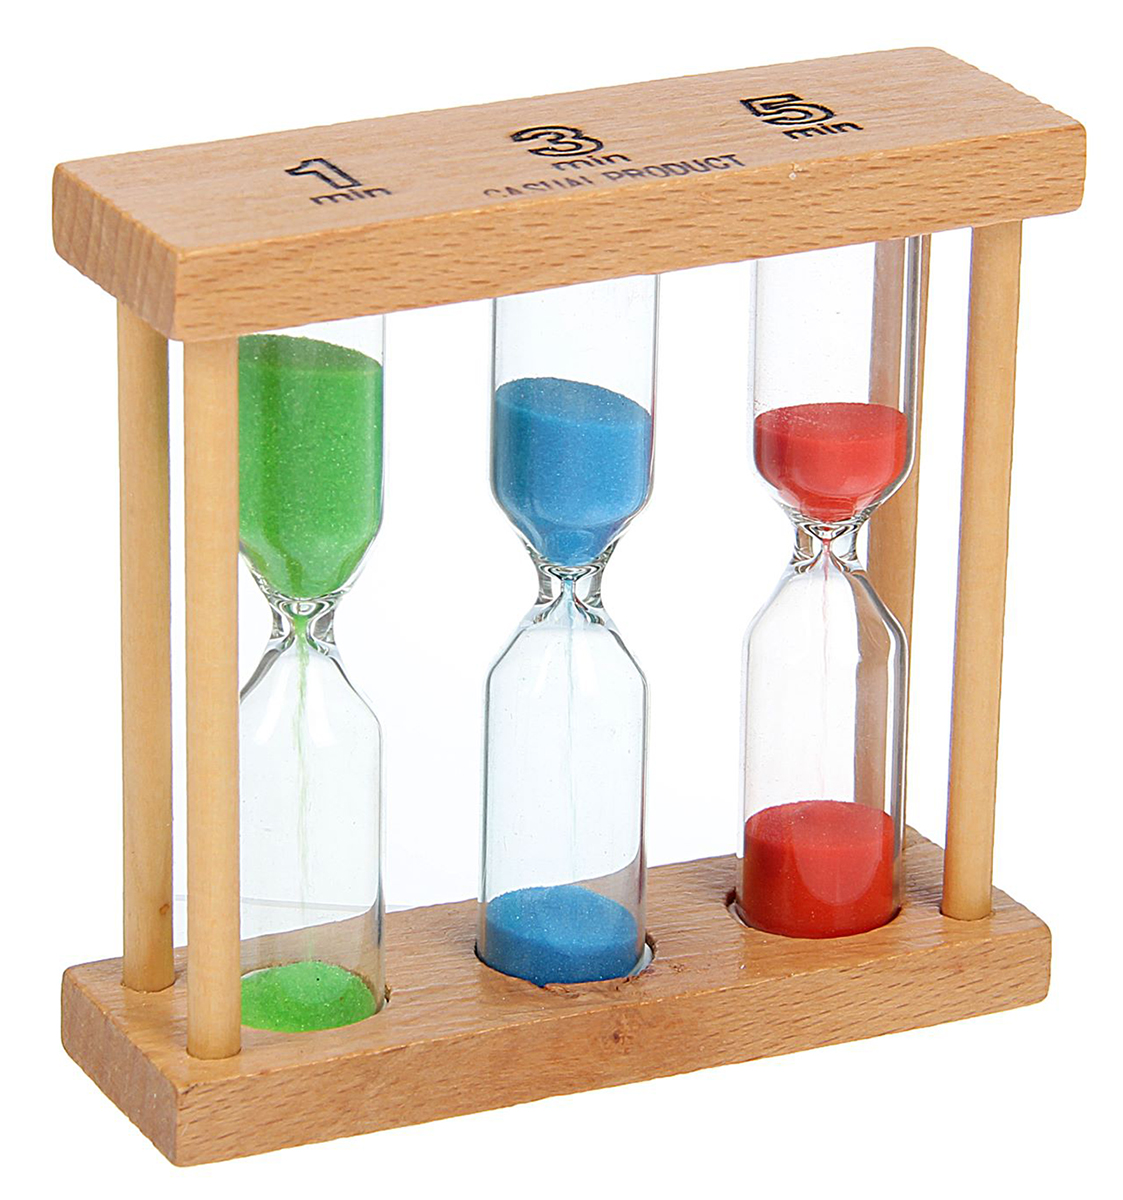 Песочные часы, 1/3/5 минут, 9 х 8,5 х 3 см1446284Каждому хозяину периодически приходит мысль обновить свою квартиру, сделать ремонт, перестановку или кардинально поменять внешний вид каждой комнаты. — привлекательная деталь, которая поможет воплотить вашу интерьерную идею, создать неповторимую атмосферу в вашем доме. Окружите себя приятными мелочами, пусть они радуют глаз и дарят гармонию.Часы песочные основание прямоуг1,3,5 минут, 9х8,5х3 см 1446284